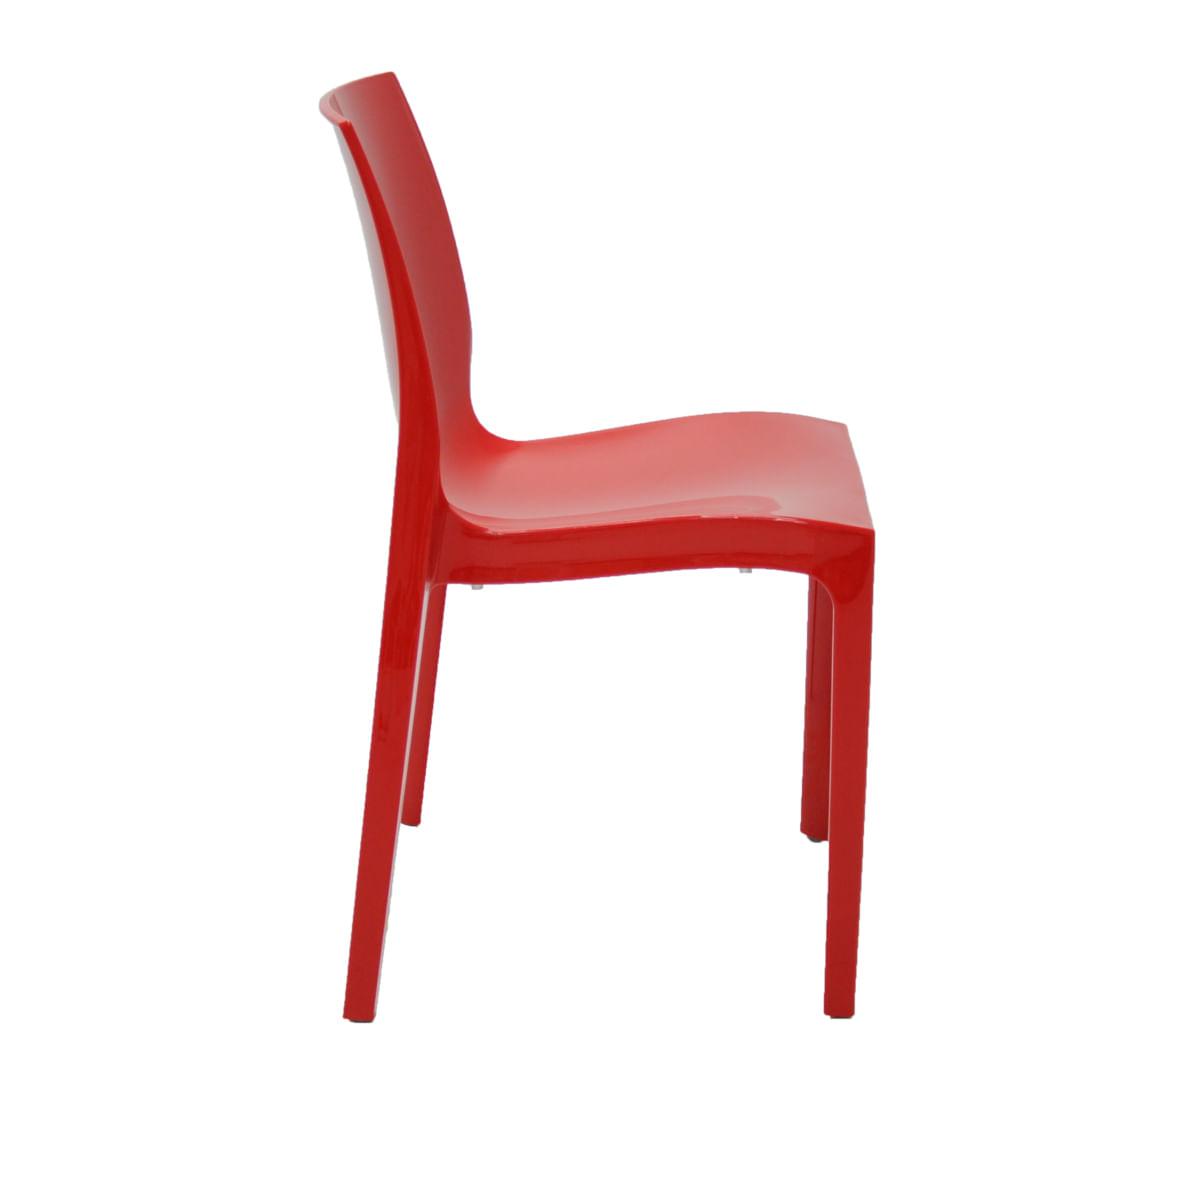 Cadeira Tramontina Alice Polida Vermelha em Polipropileno